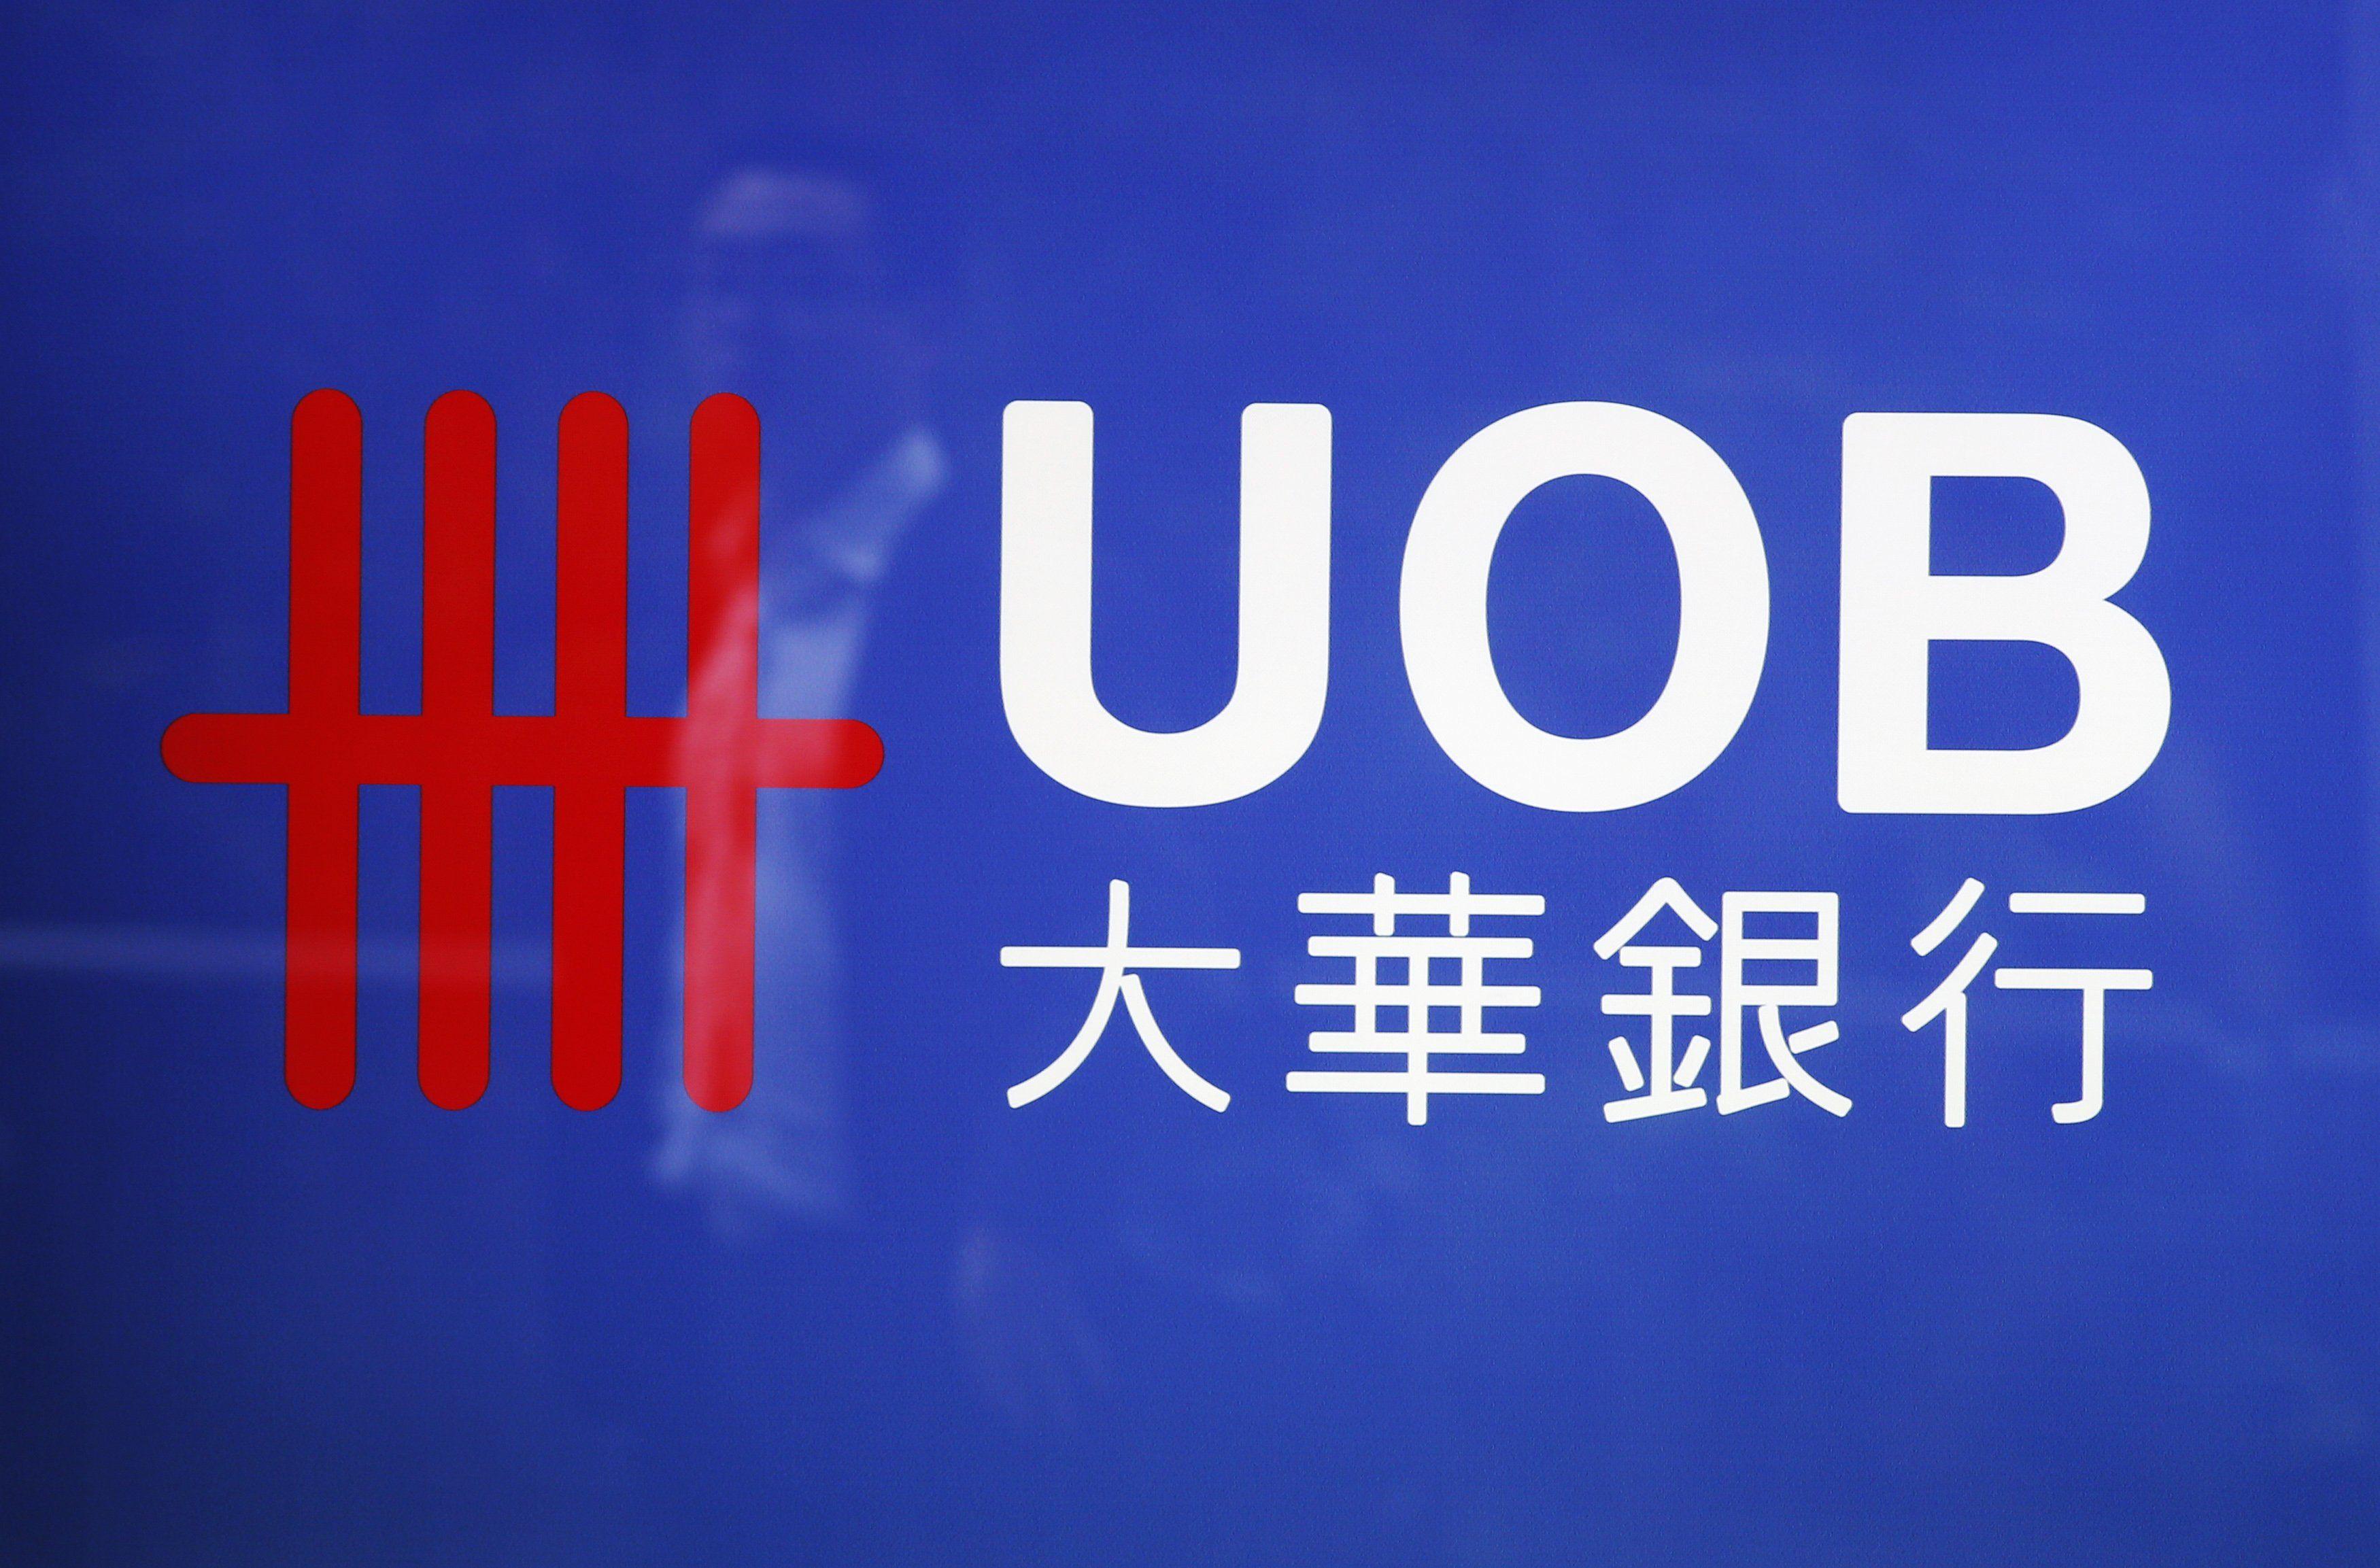 بنك UOB: توقعات مرتفعة باستمرار صعود الدولار ين